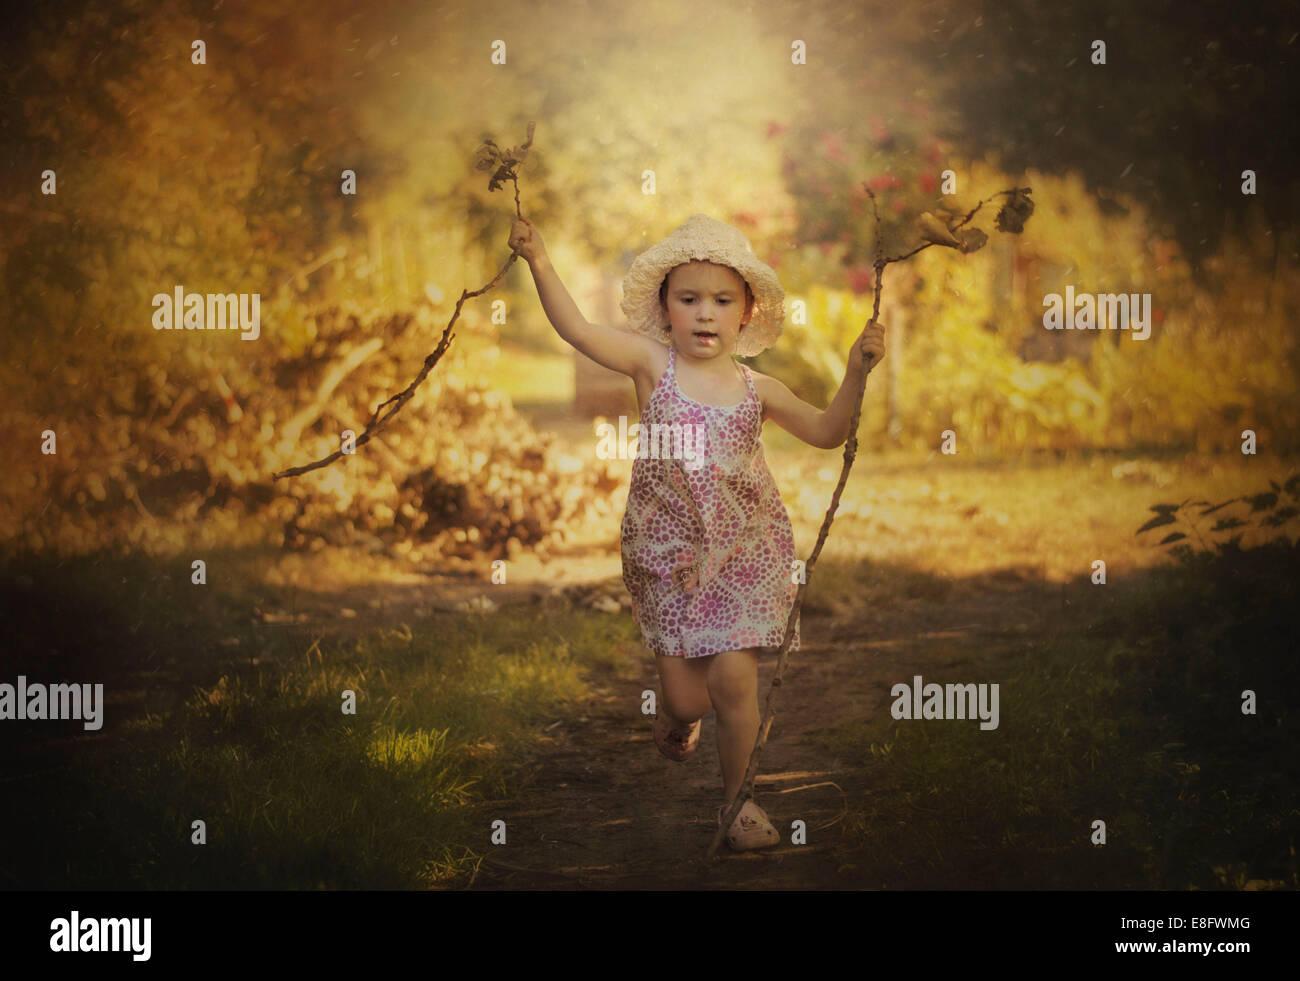 Mädchen mit trockenen Zweigen laufen Stockbild